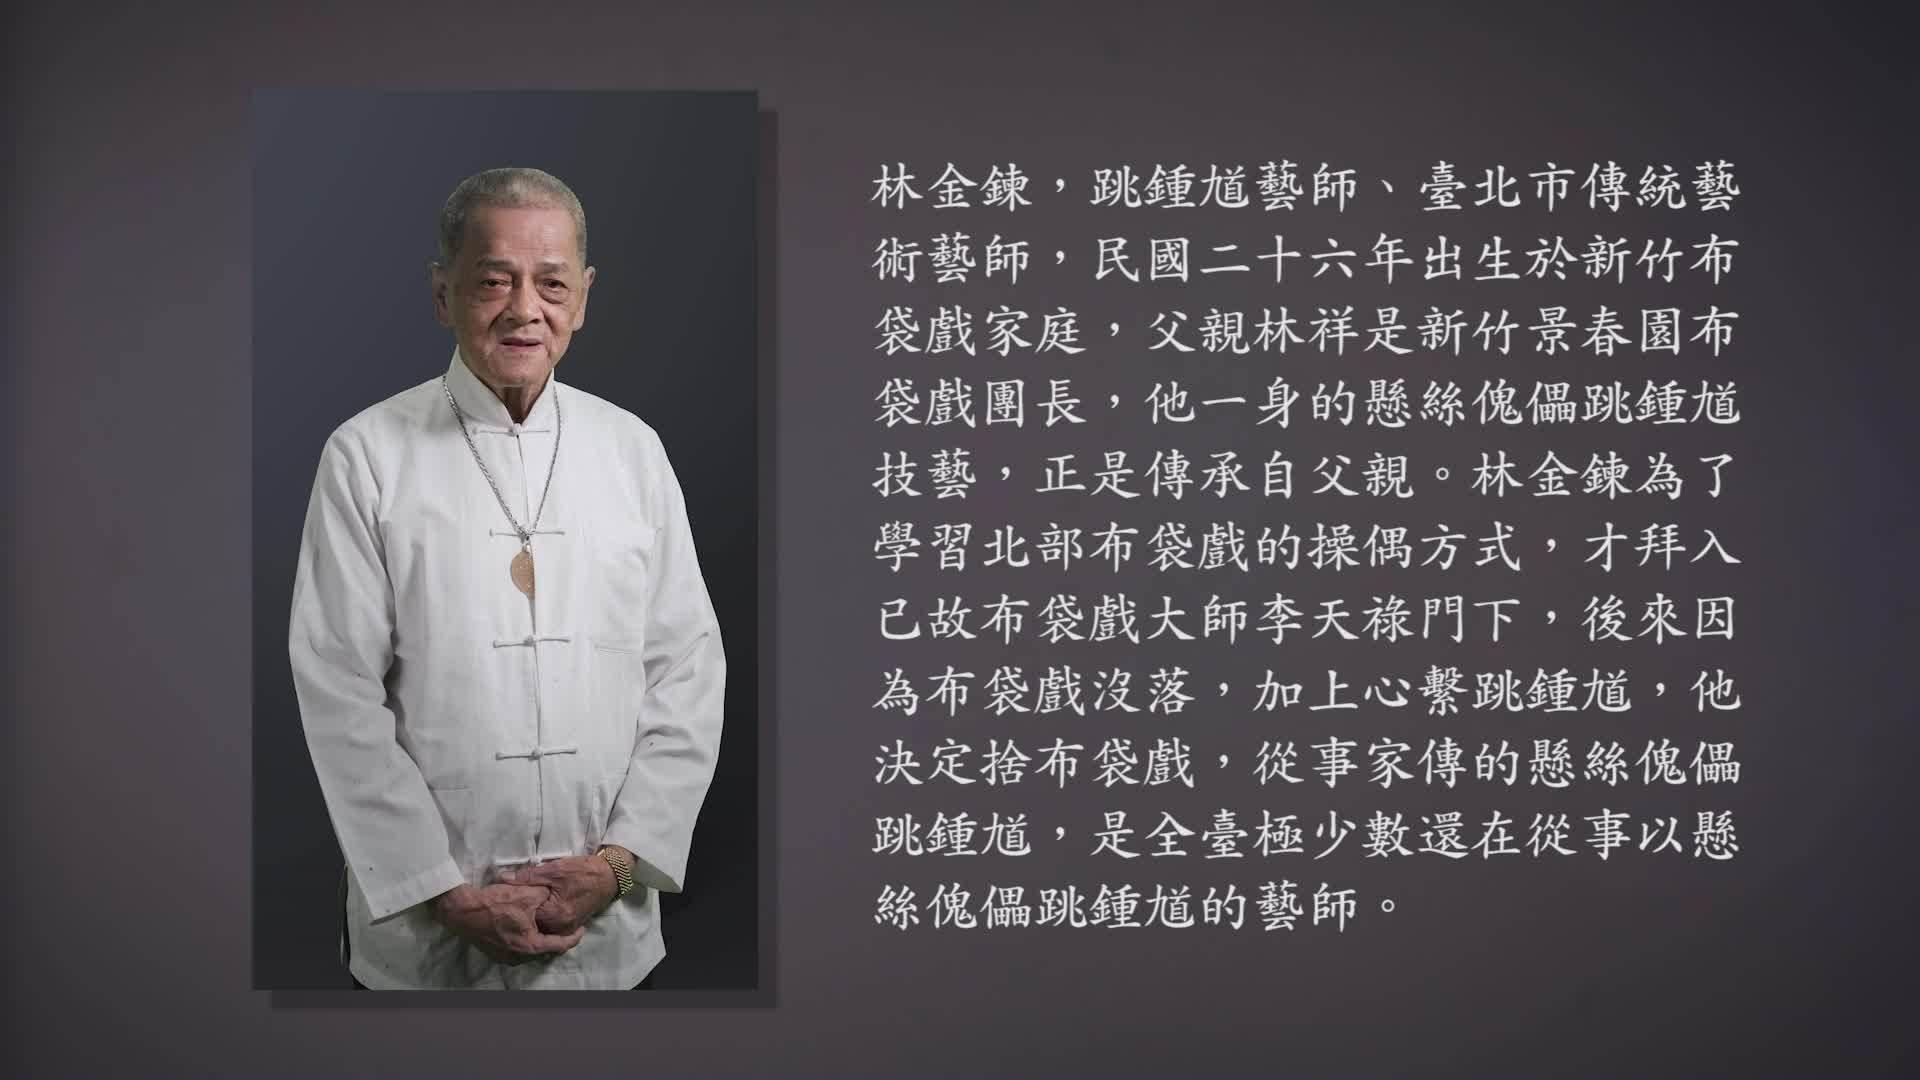 技藝.記憶-傳統藝術藝人口述歷史影像紀錄計畫-林金鍊精華片段